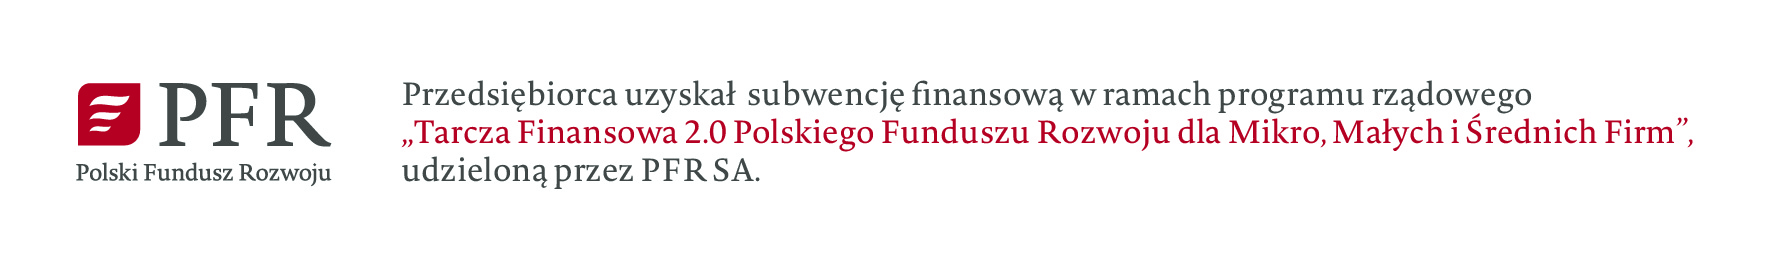 plansza-informacyjna-PFR